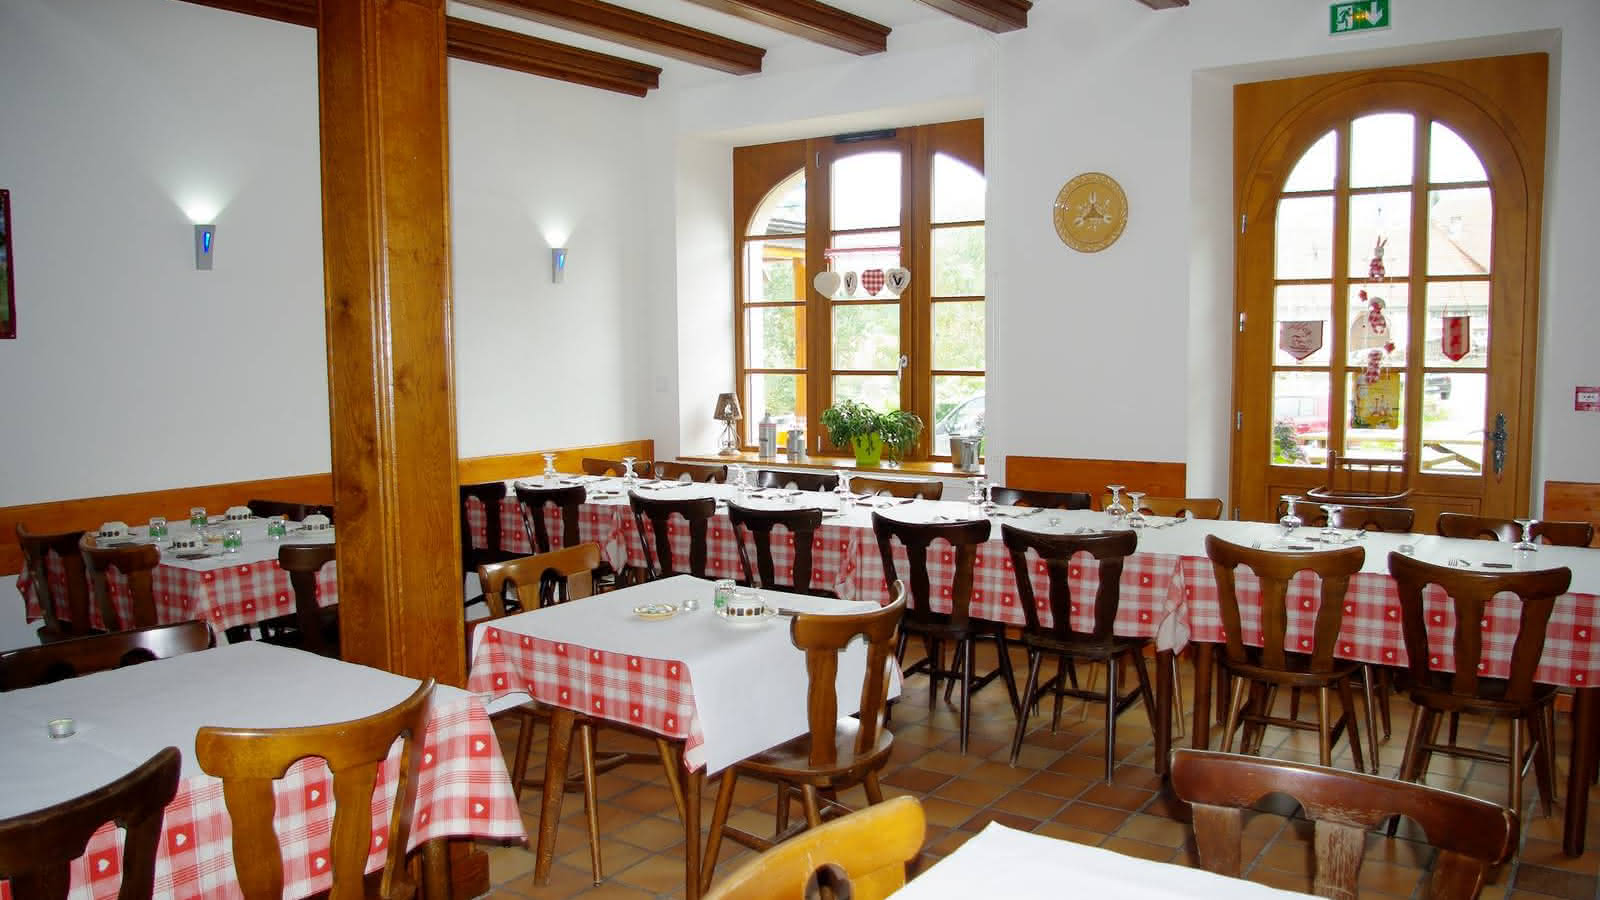 Ferme Auberge du Ban de la Roche   Bellefosse   Visit Alsace